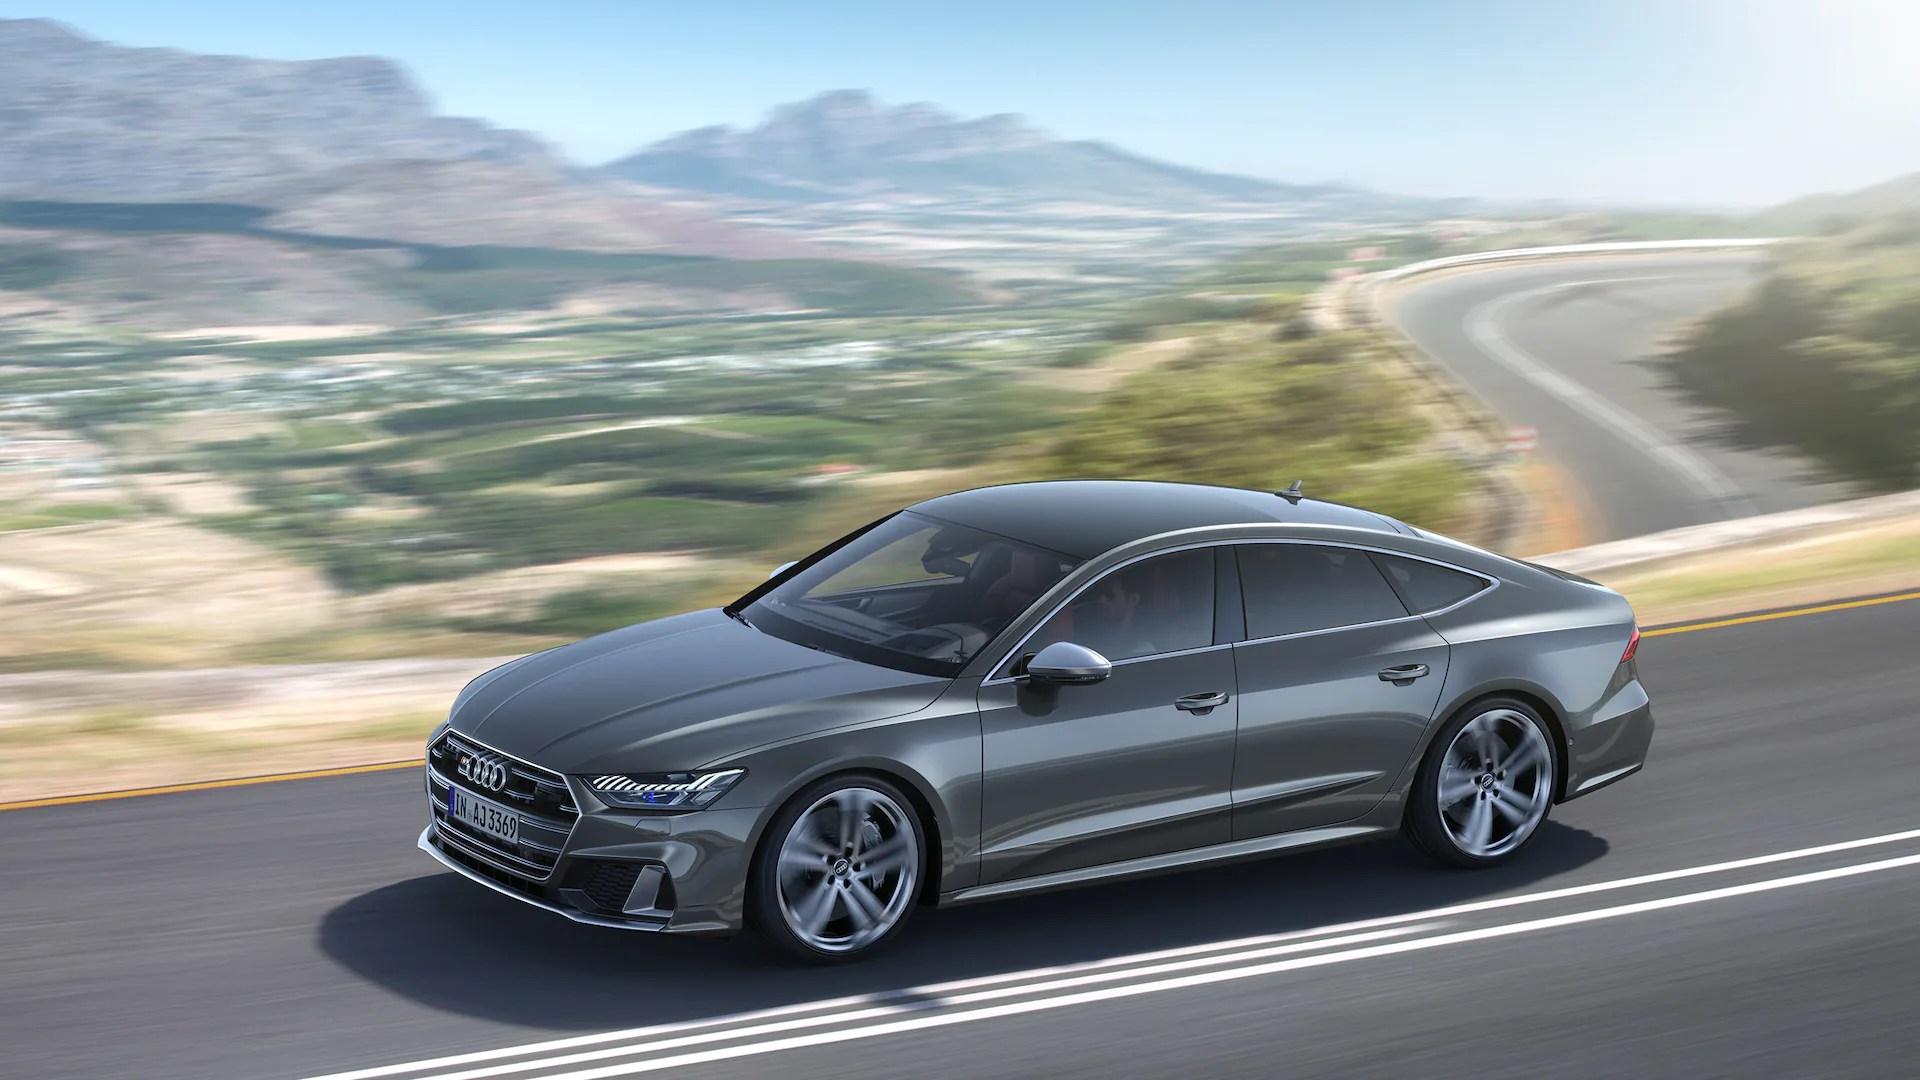 Audi Debuts 450 Hp 2020 Audi S6 Sedan And S7 Sportback